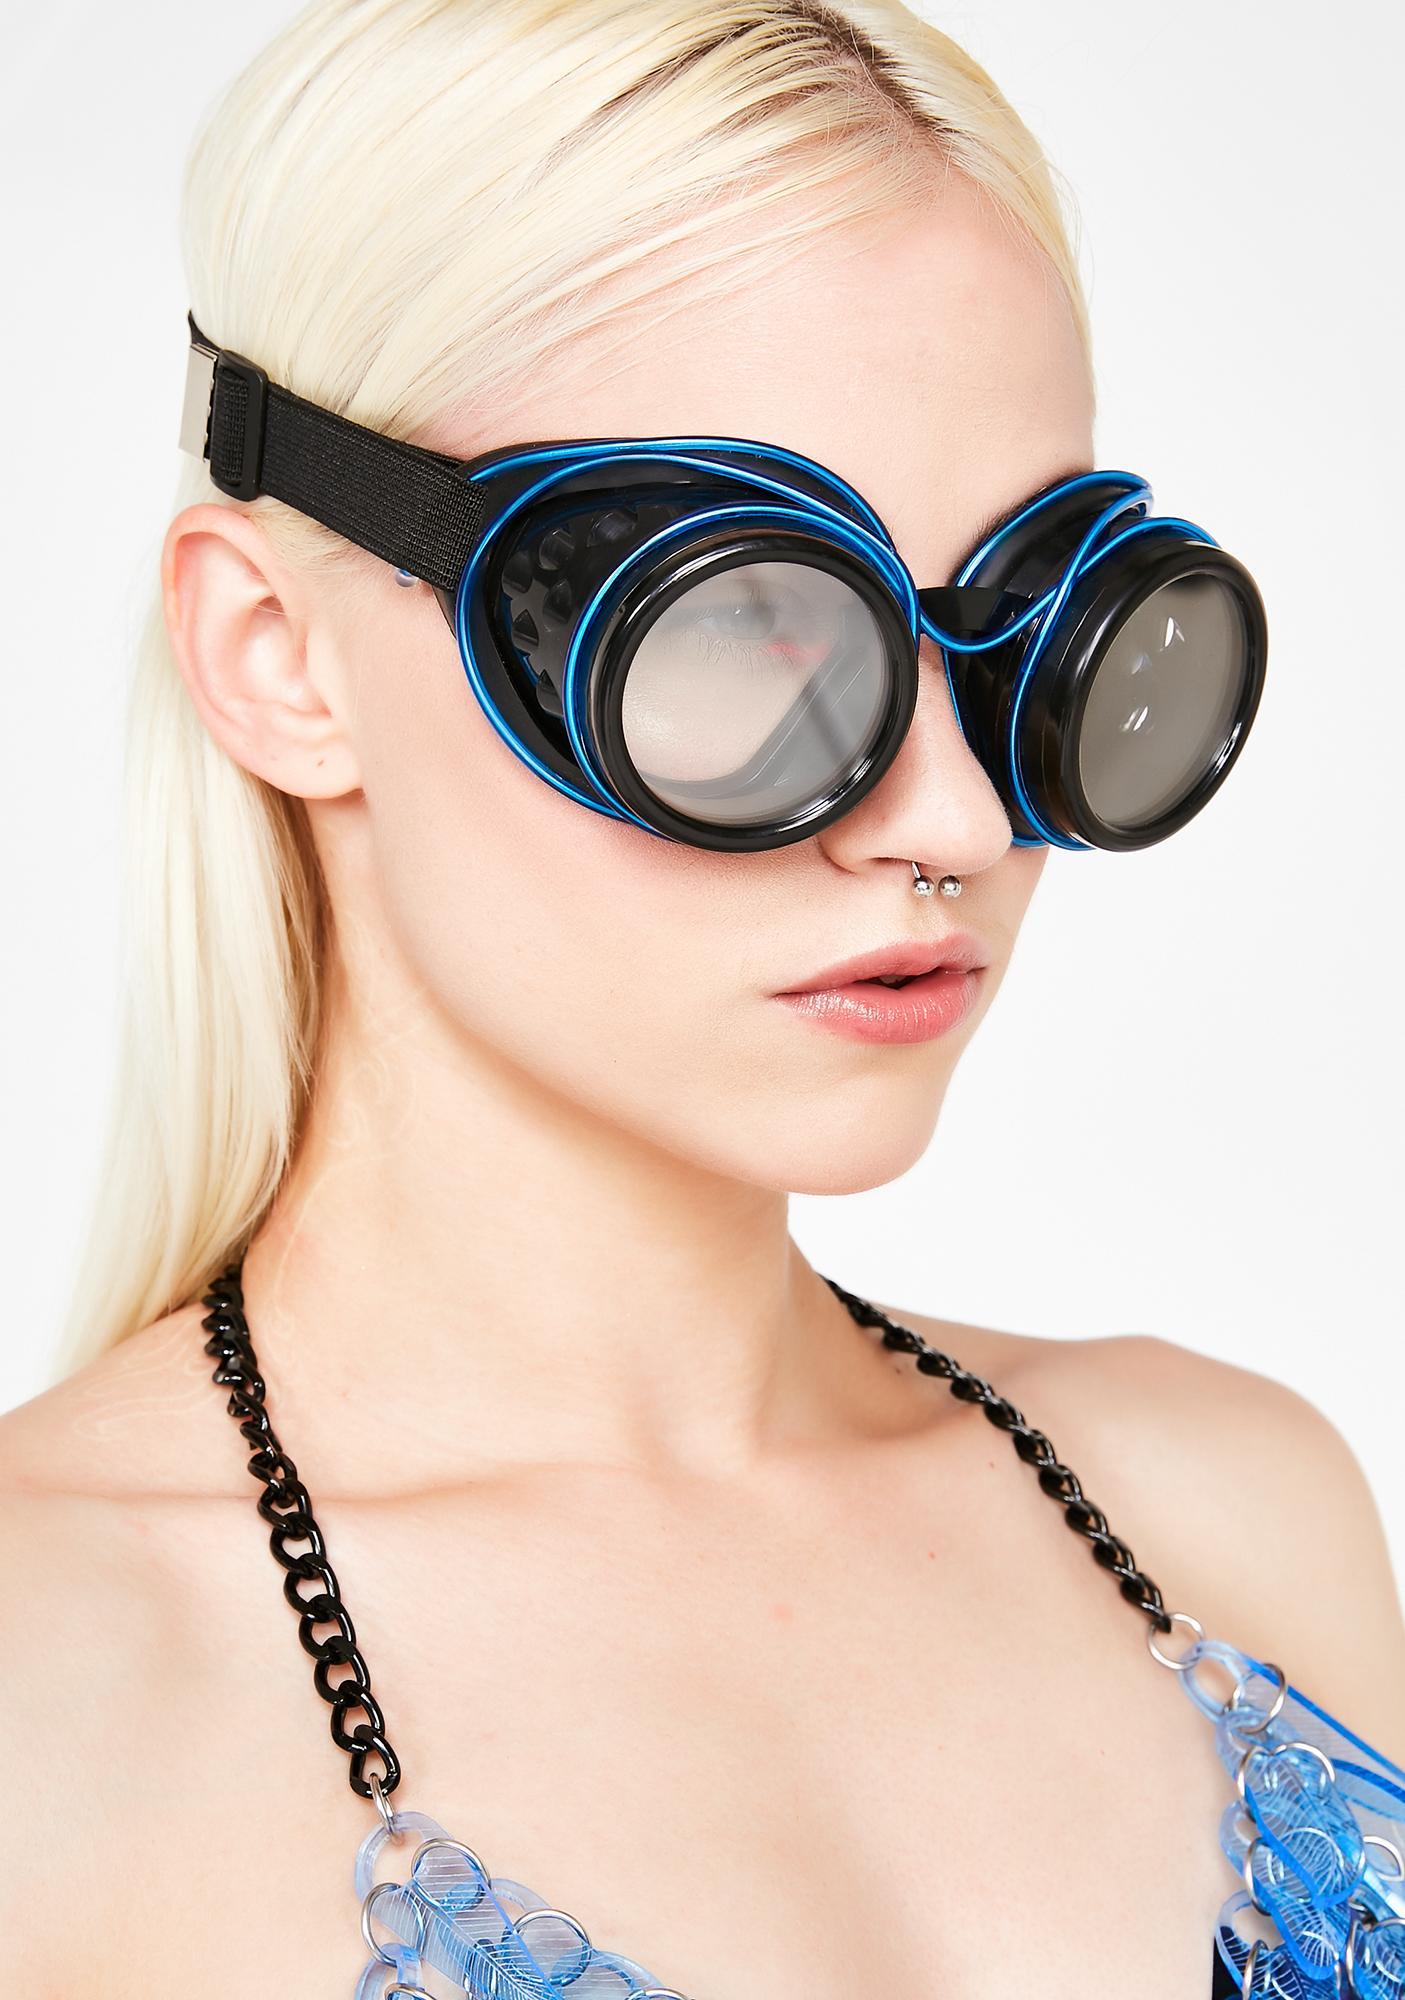 GloFX Luminescence Goggles